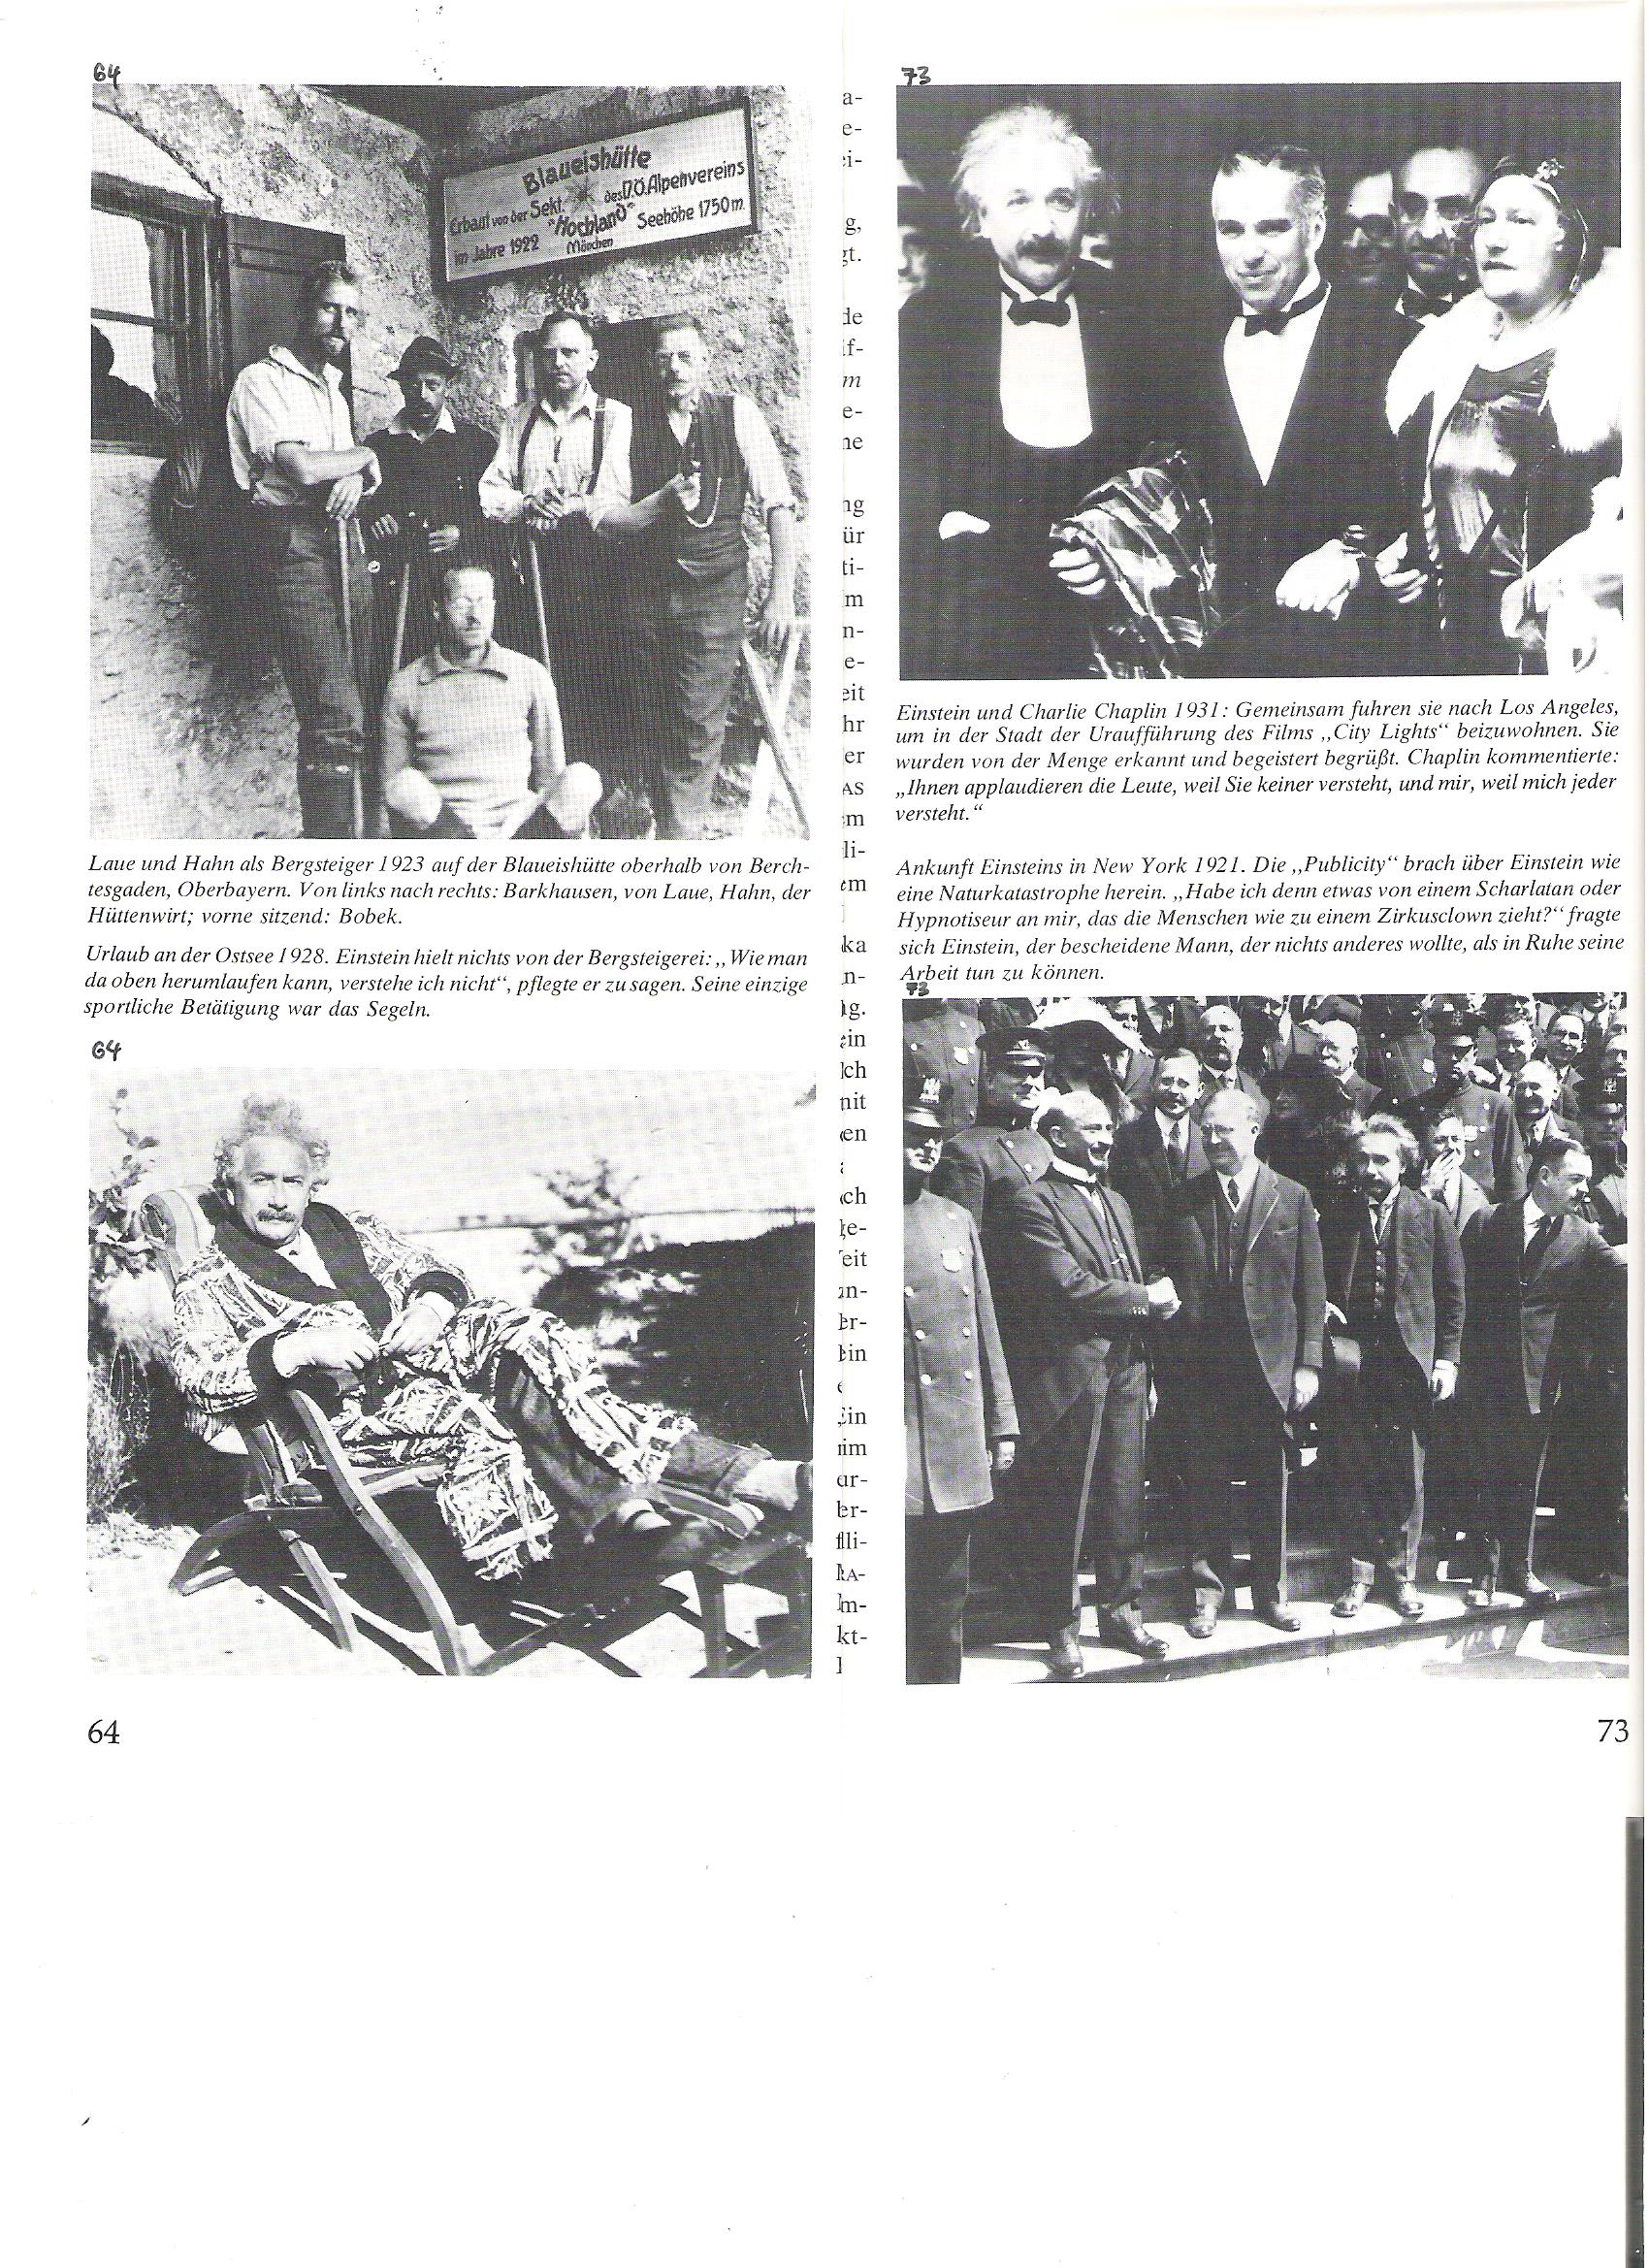 """64<br />Laue és Hahn, mint hegymászók 1923-ban, a Blaueishütte menedékháznál, Berchtesgaden fölött, Felső-Bajorországban.<br /><br />64<br />Nyaralás a Keleti tengeren 1928-ban. Einstein nem volt a hegymászás barátja,""""Hogy lehet ott fönt szaladgálni, nem értem!"""" szokta volt mondani. Egyetlen sporttevékenysége a vitorlázás volt."""